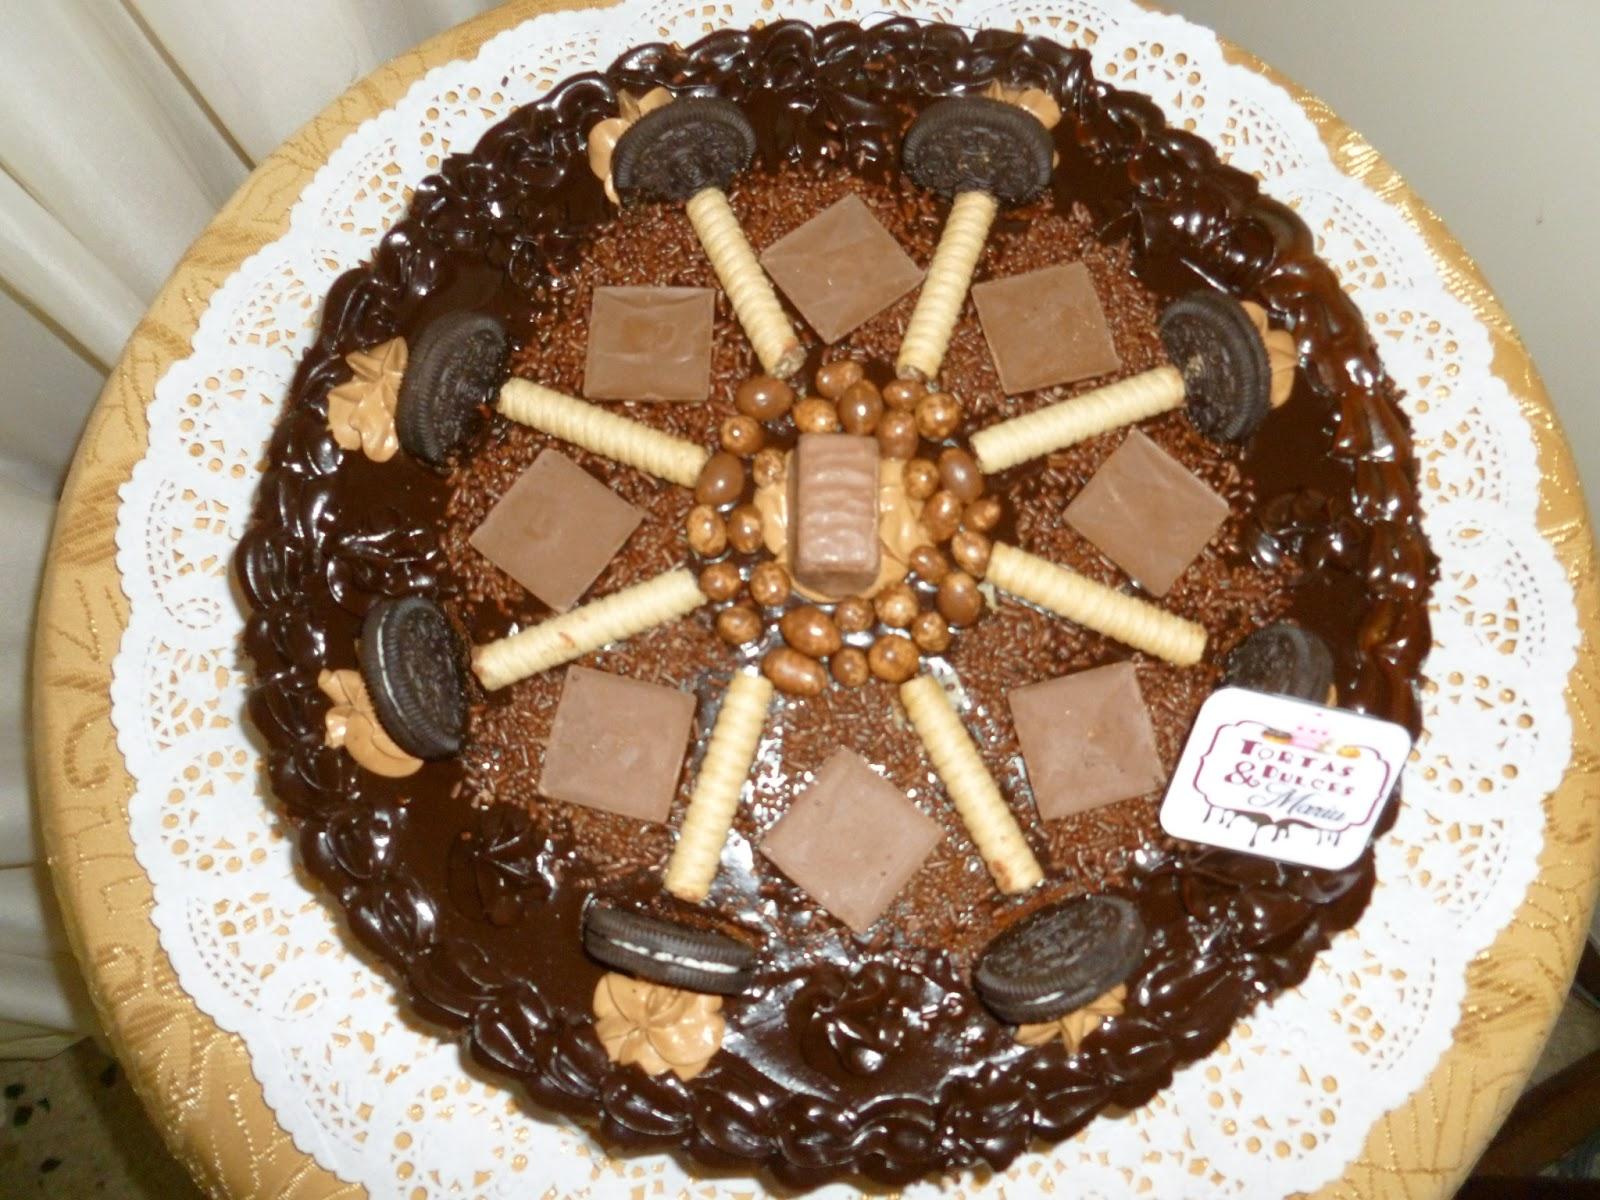 Tortas Variadas | Tortas y Dulces Mariu